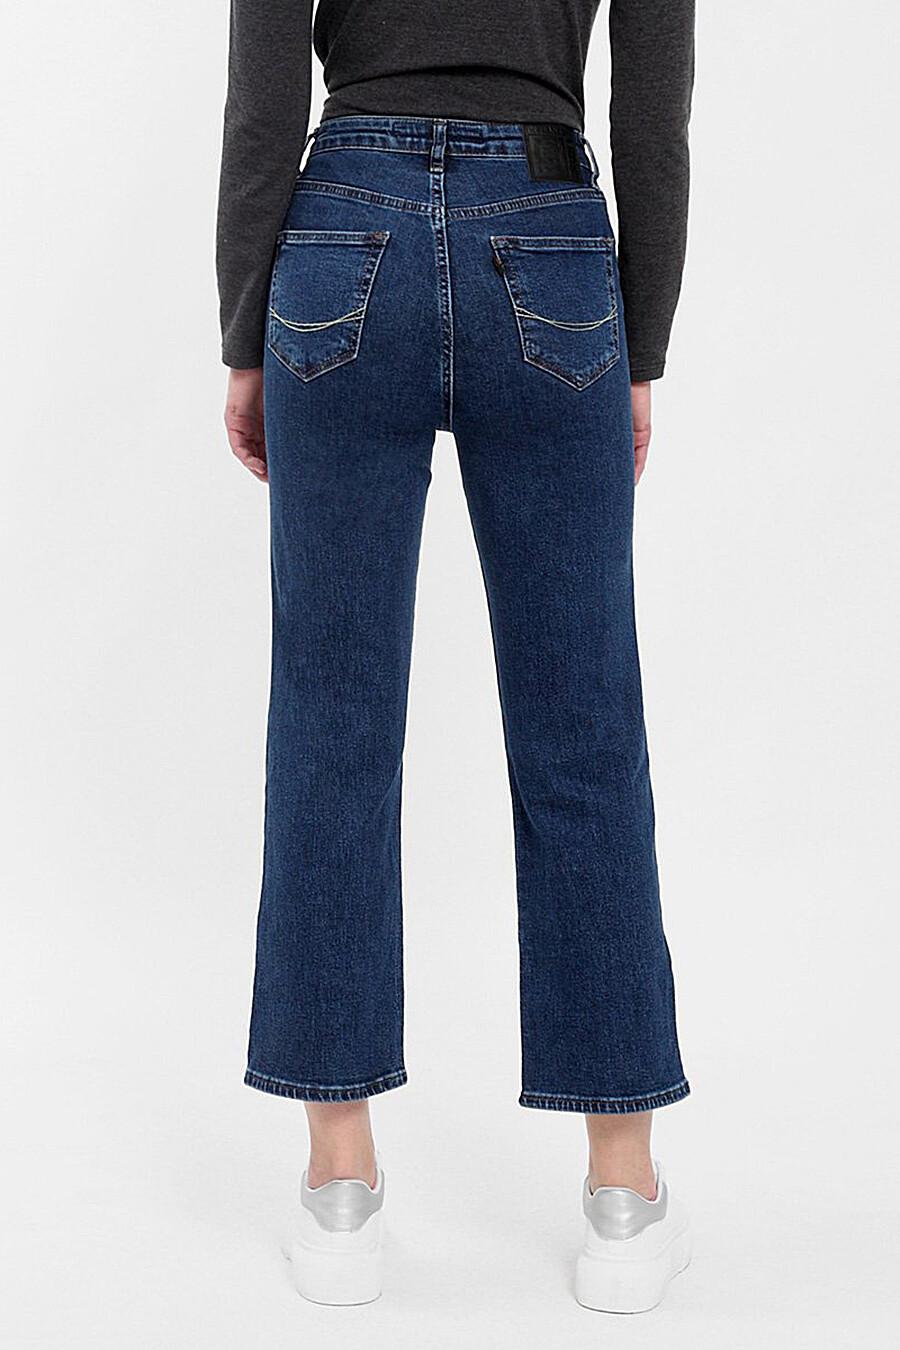 Джинсы для женщин F5 161306 купить оптом от производителя. Совместная покупка женской одежды в OptMoyo